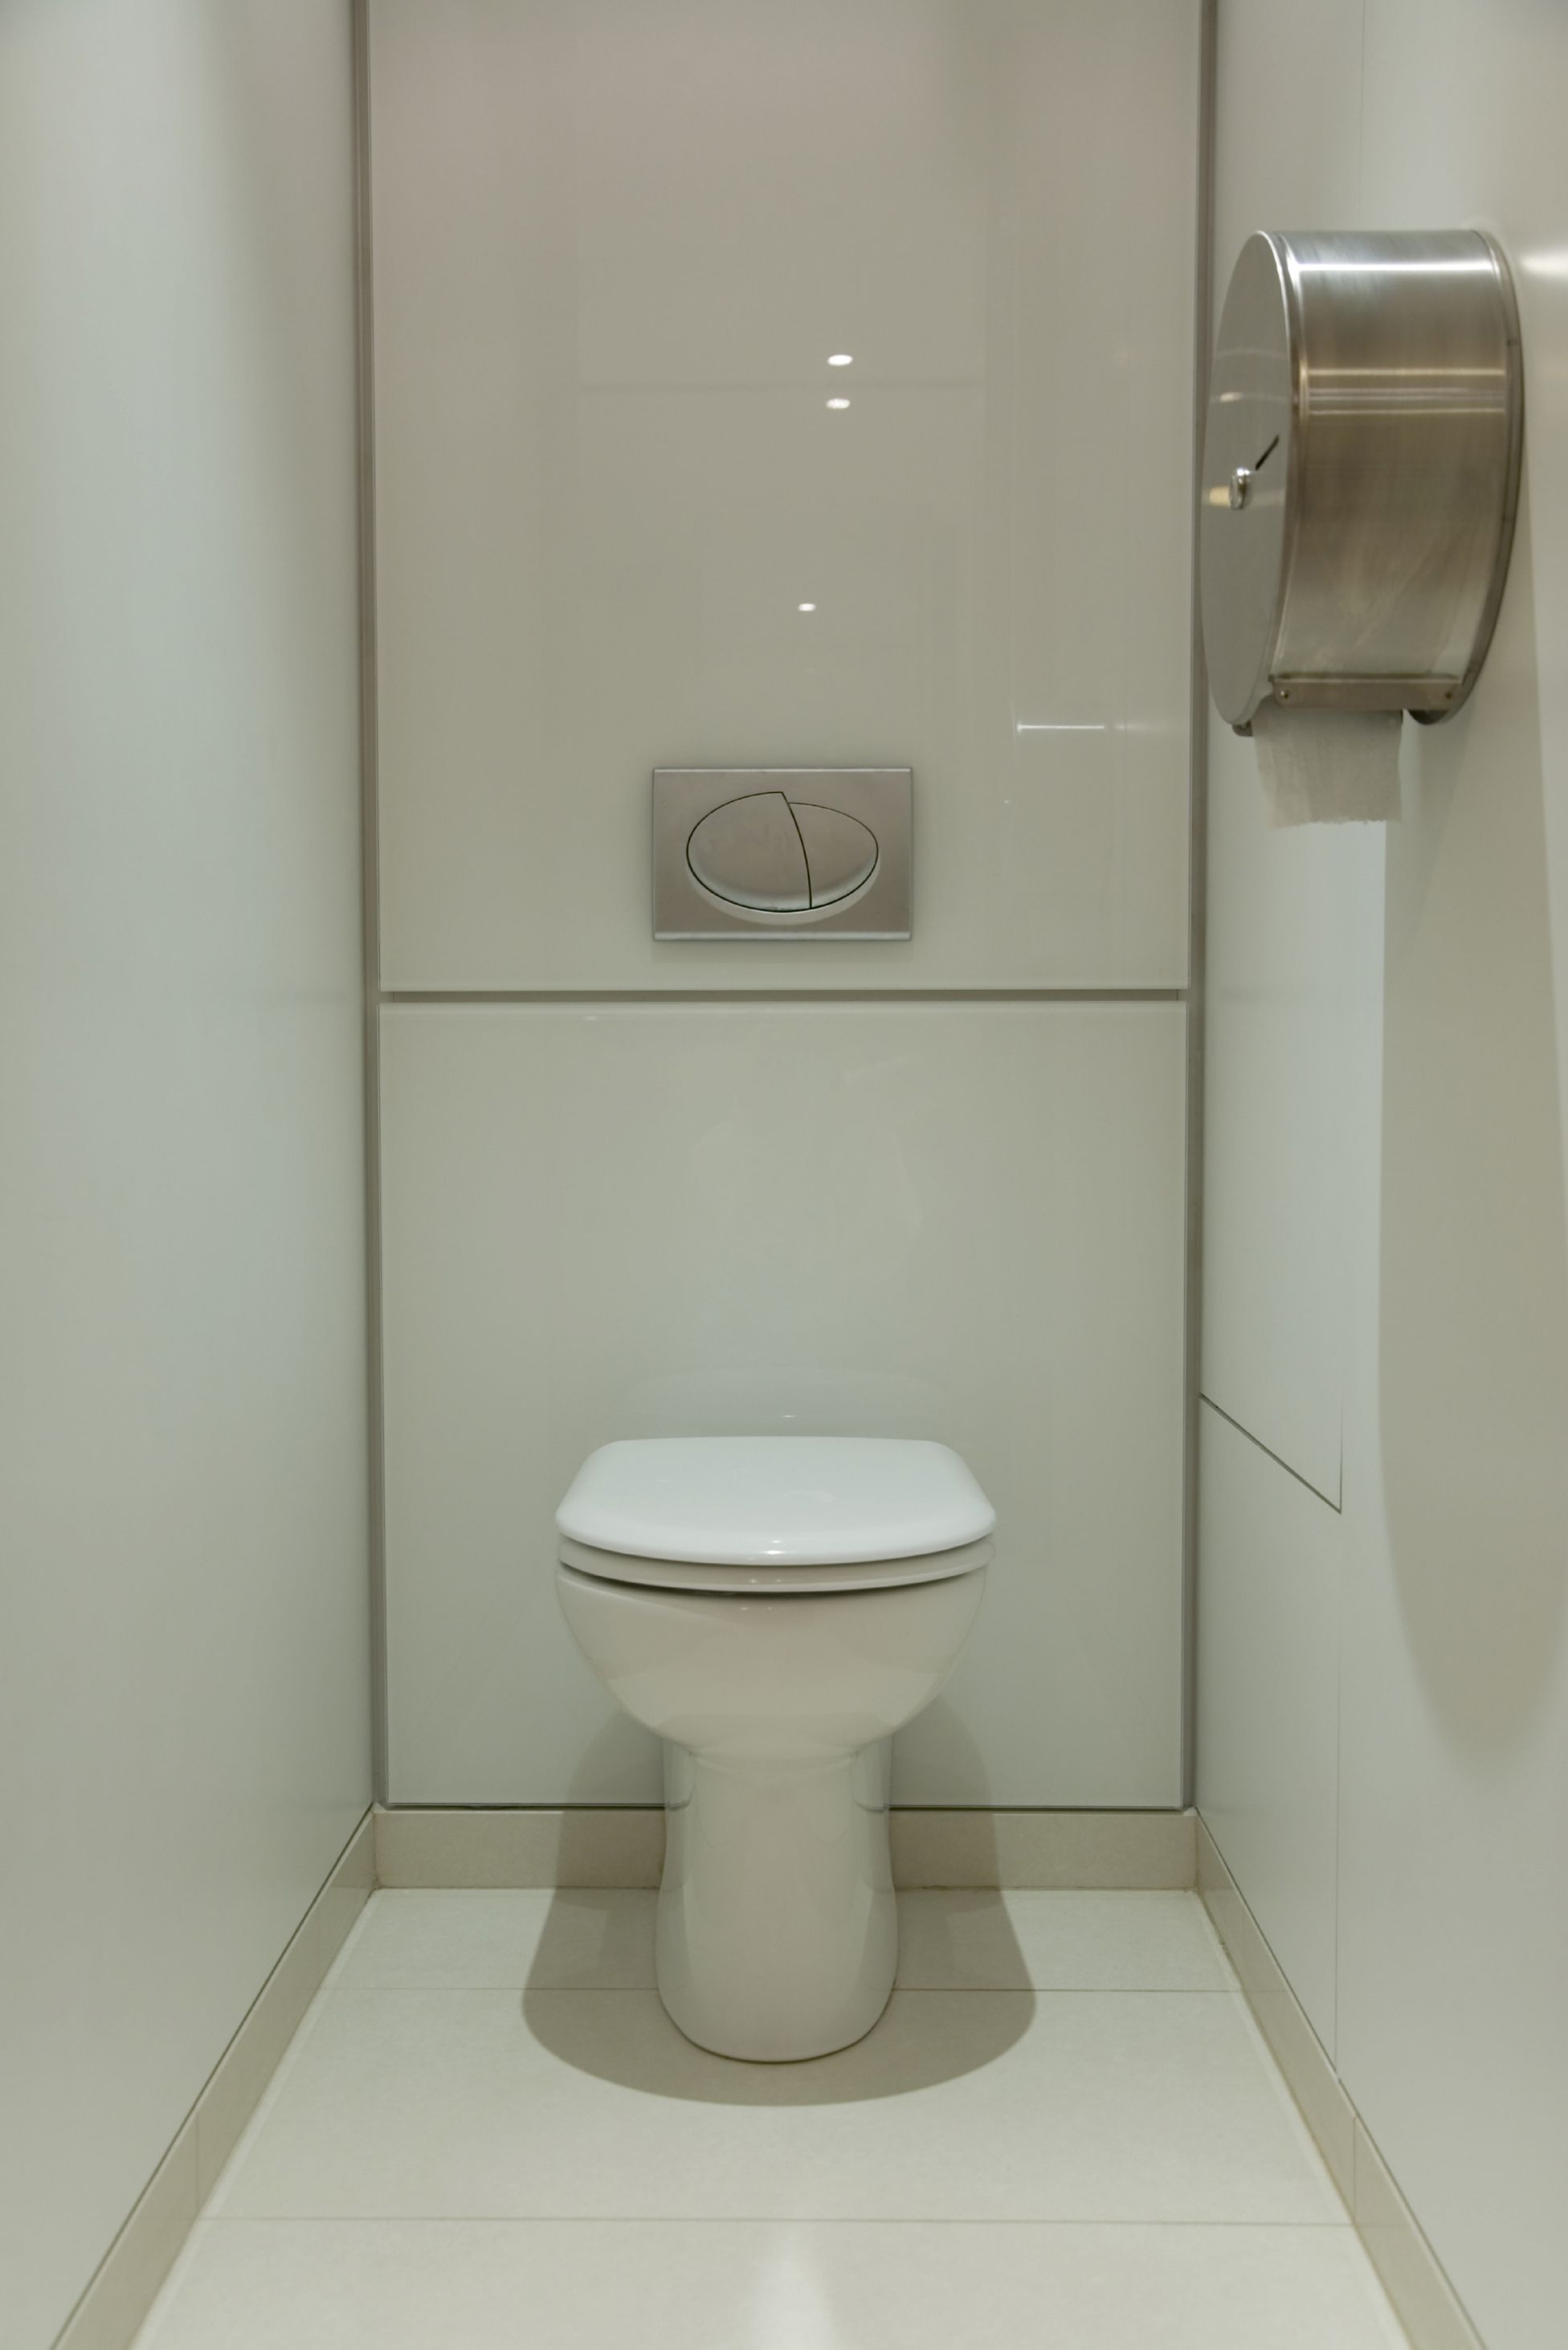 Sleek Commercial Bathroom Stall Le Bain Pinterest Commercial - Commercial bathroom supplies near me